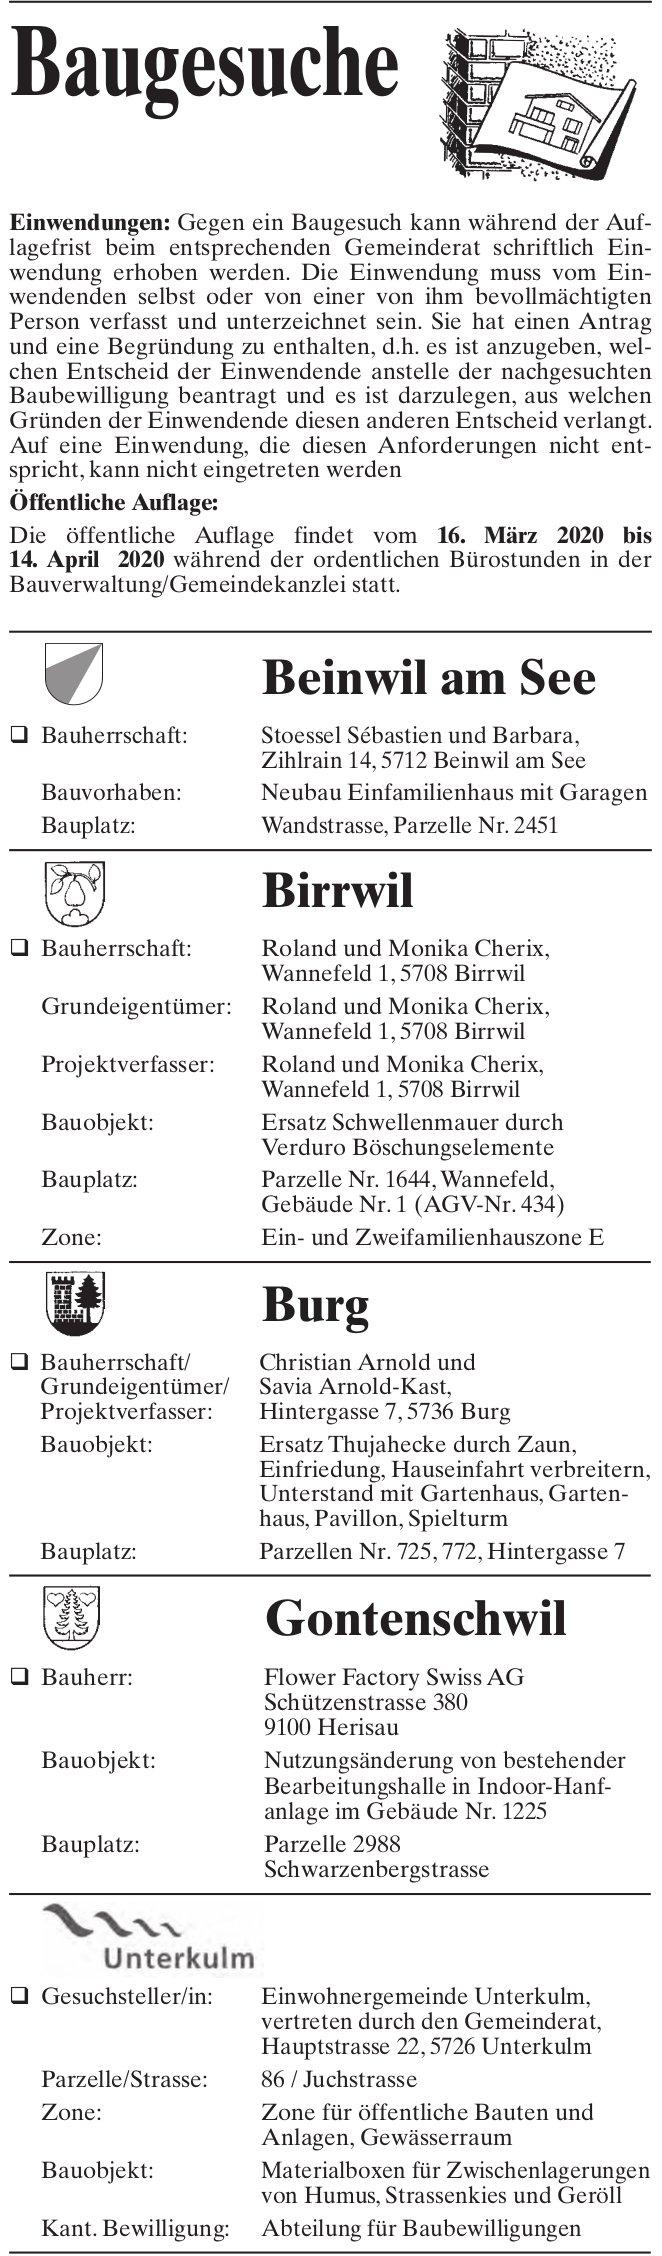 Beinwil am See, Birrwil, Burg, Gontenschwil & Unterkulm - Baugesuche